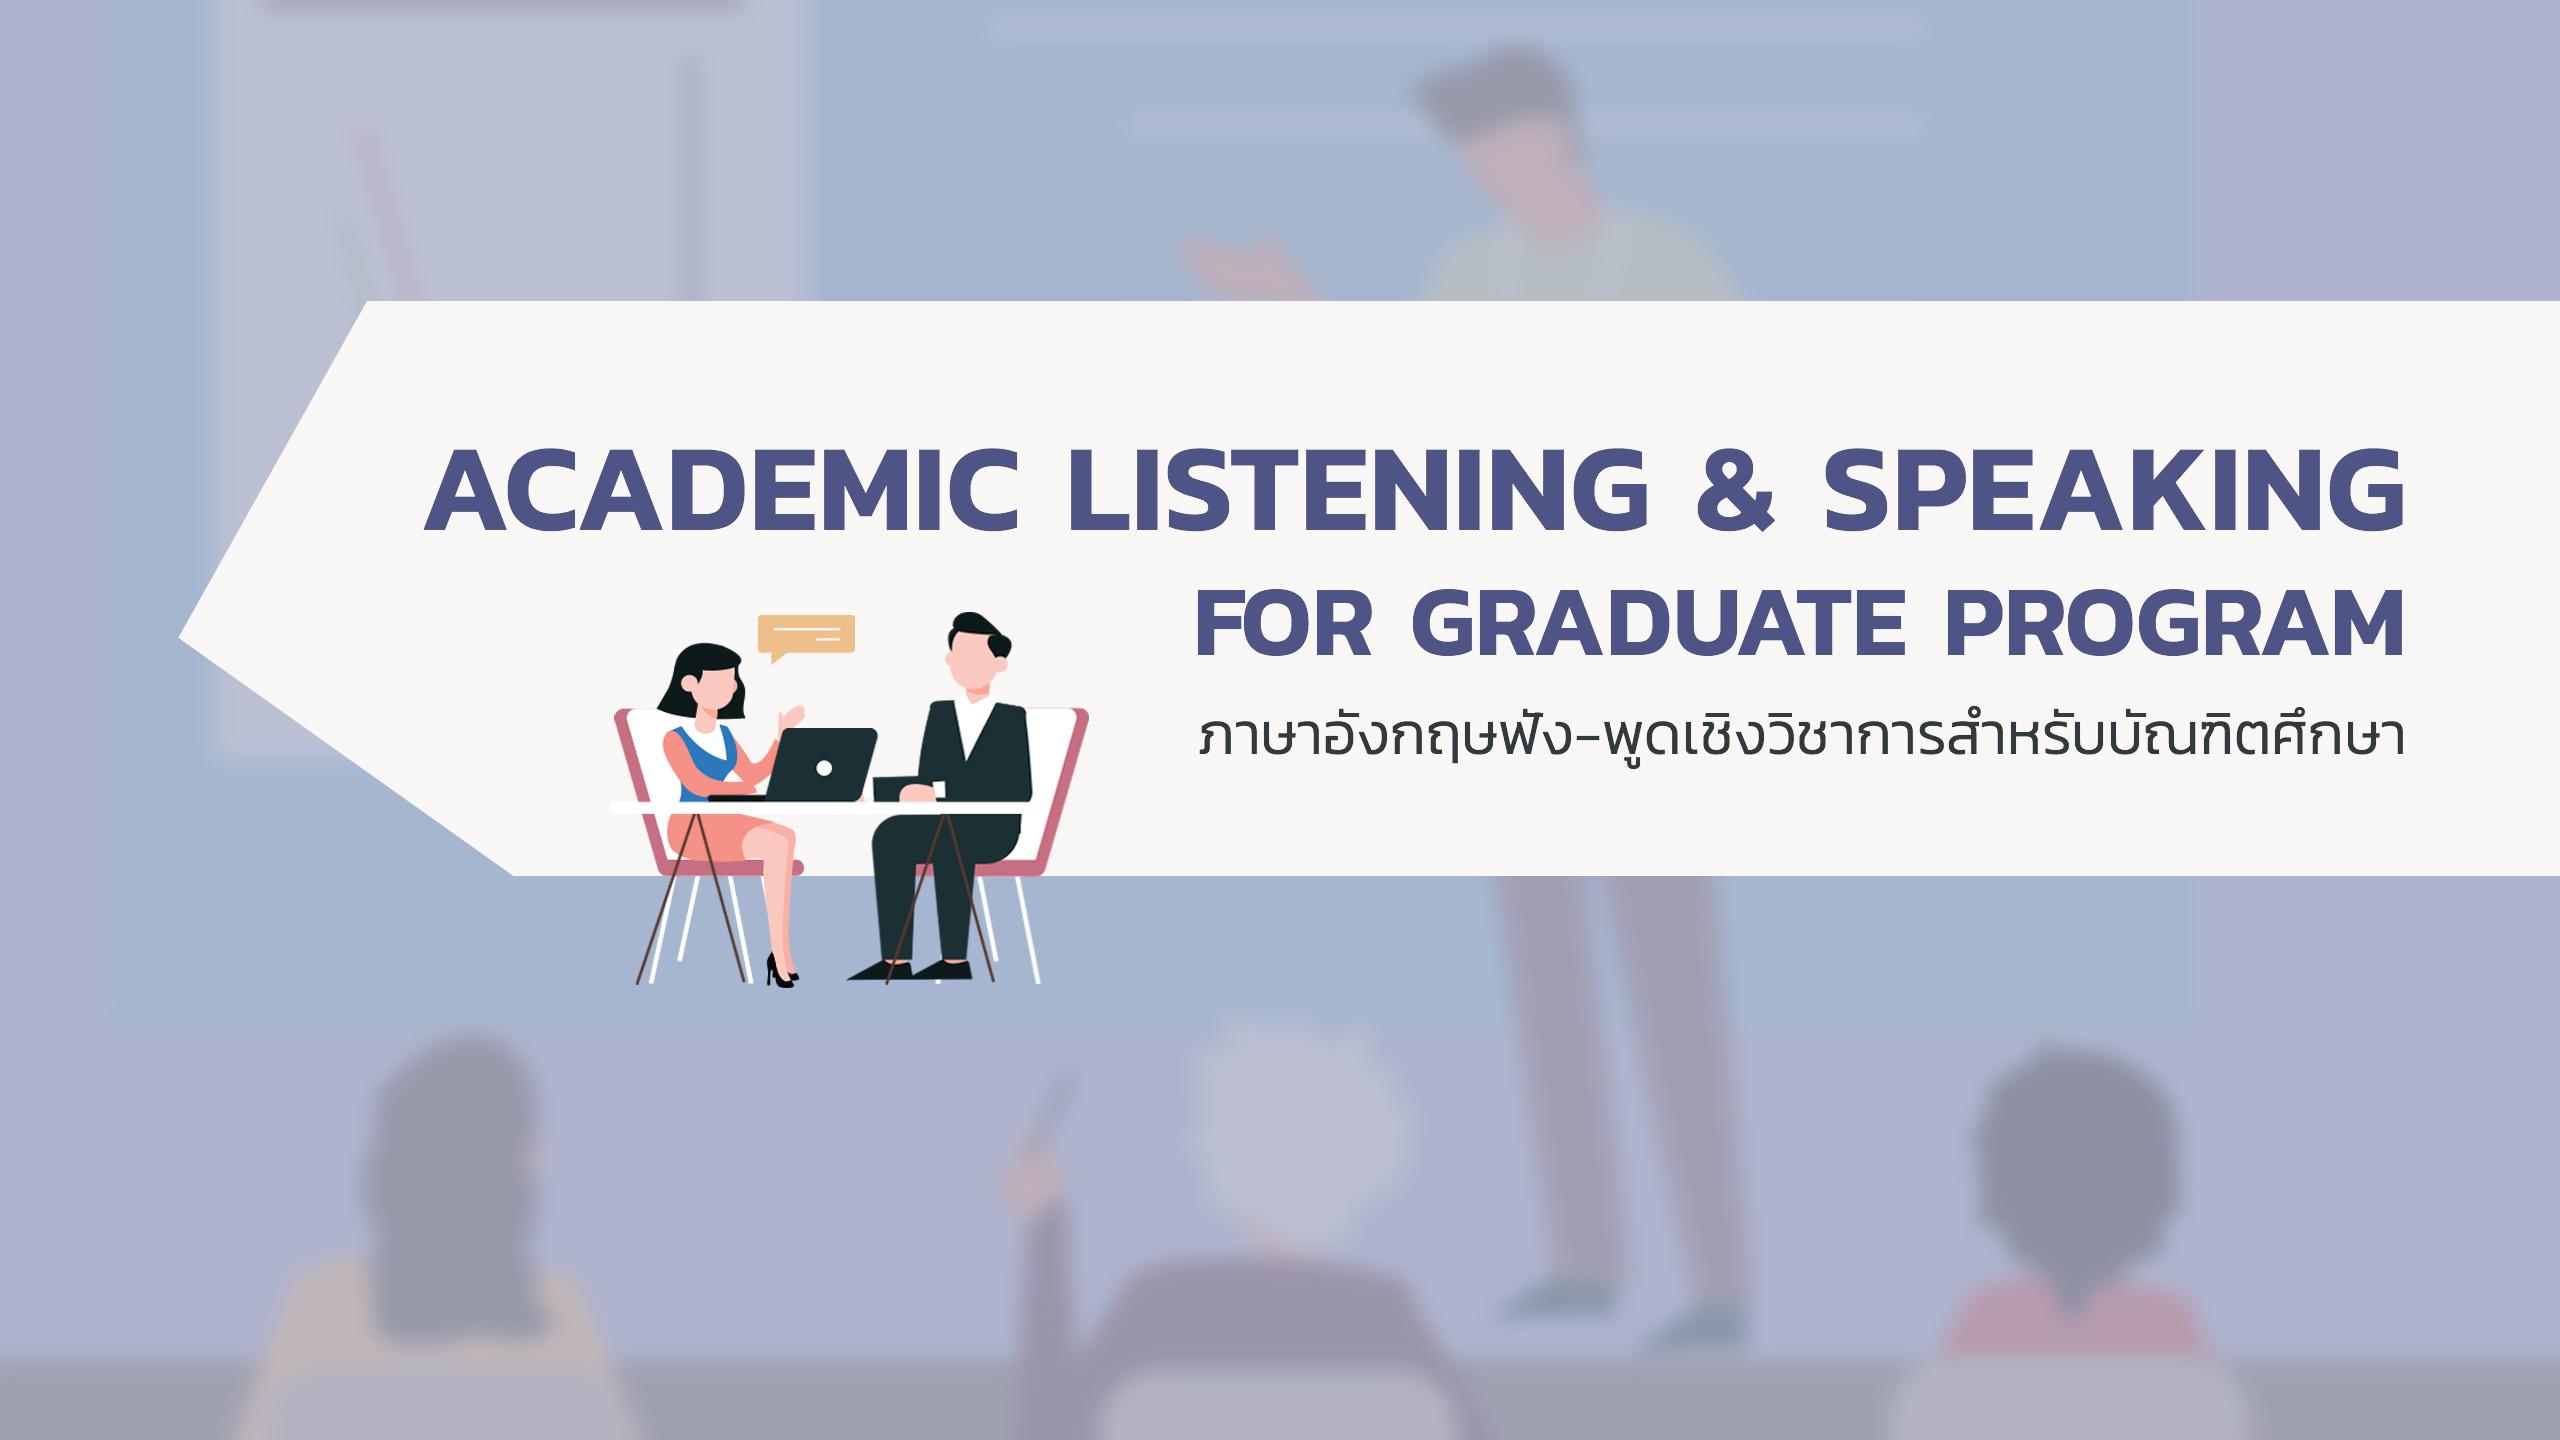 ภาษาอังกฤษฟัง-พูดเชิงวิชาการสำหรับบัณฑิตศึกษา | Academic English Listening and Speaking Skills for Graduate Program